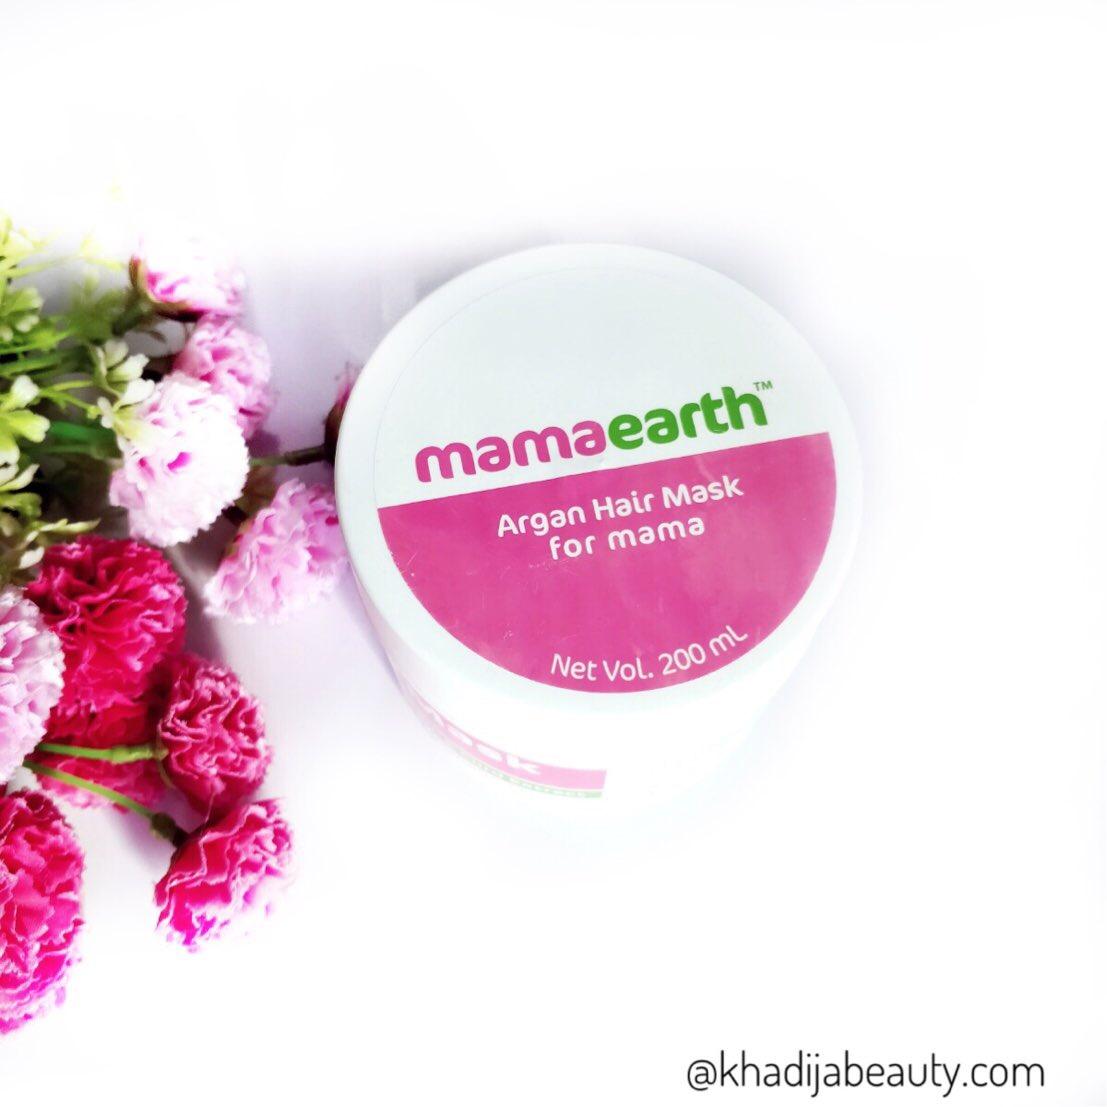 mamaearth hair mask, khadija beauty